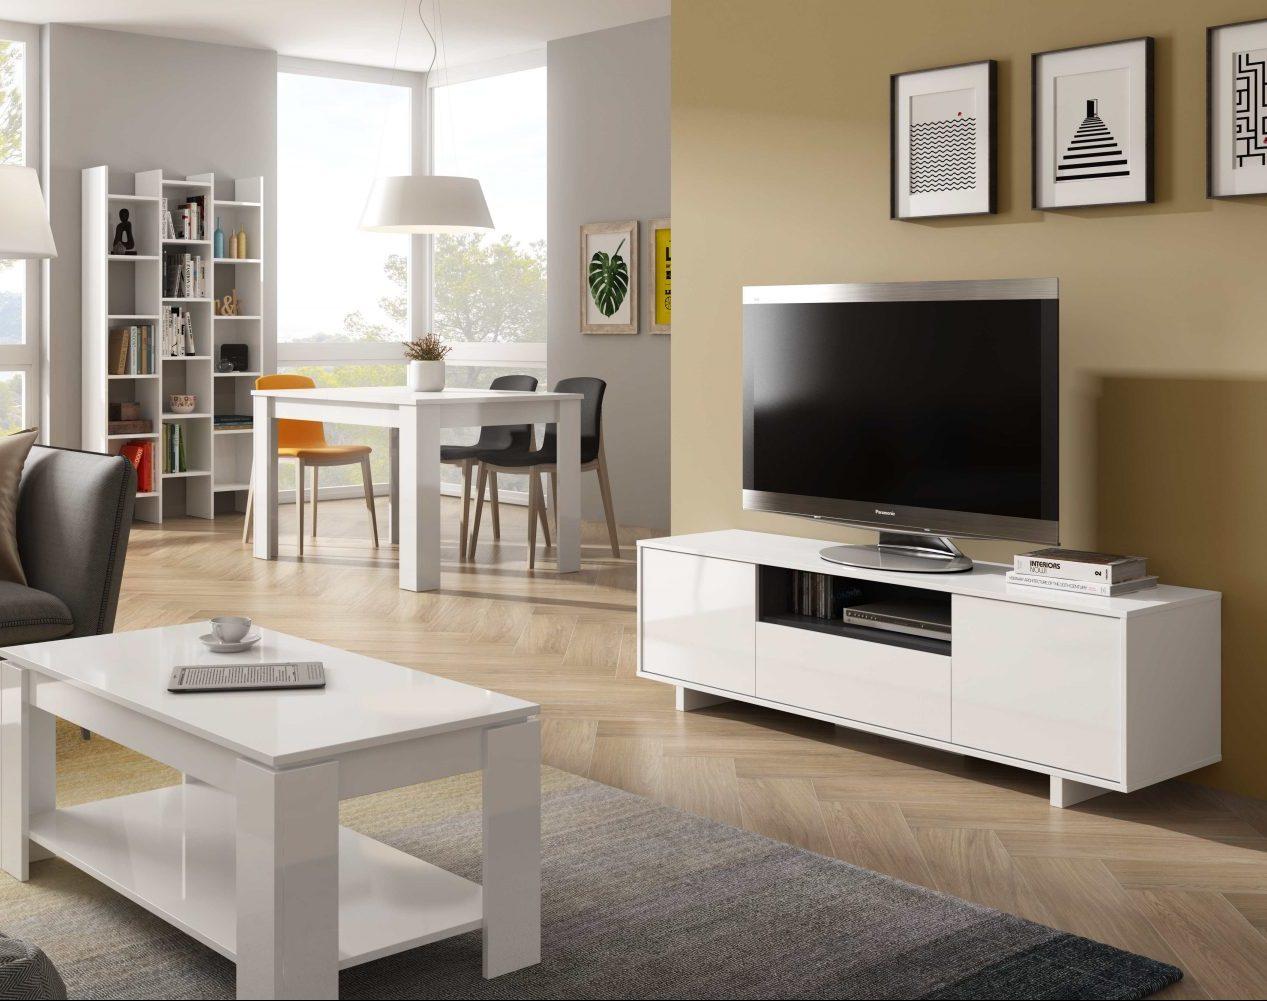 Zaira Meuble Tv Blanc 150 Cm A Prix Pas Cher Dansmamaison Maroc